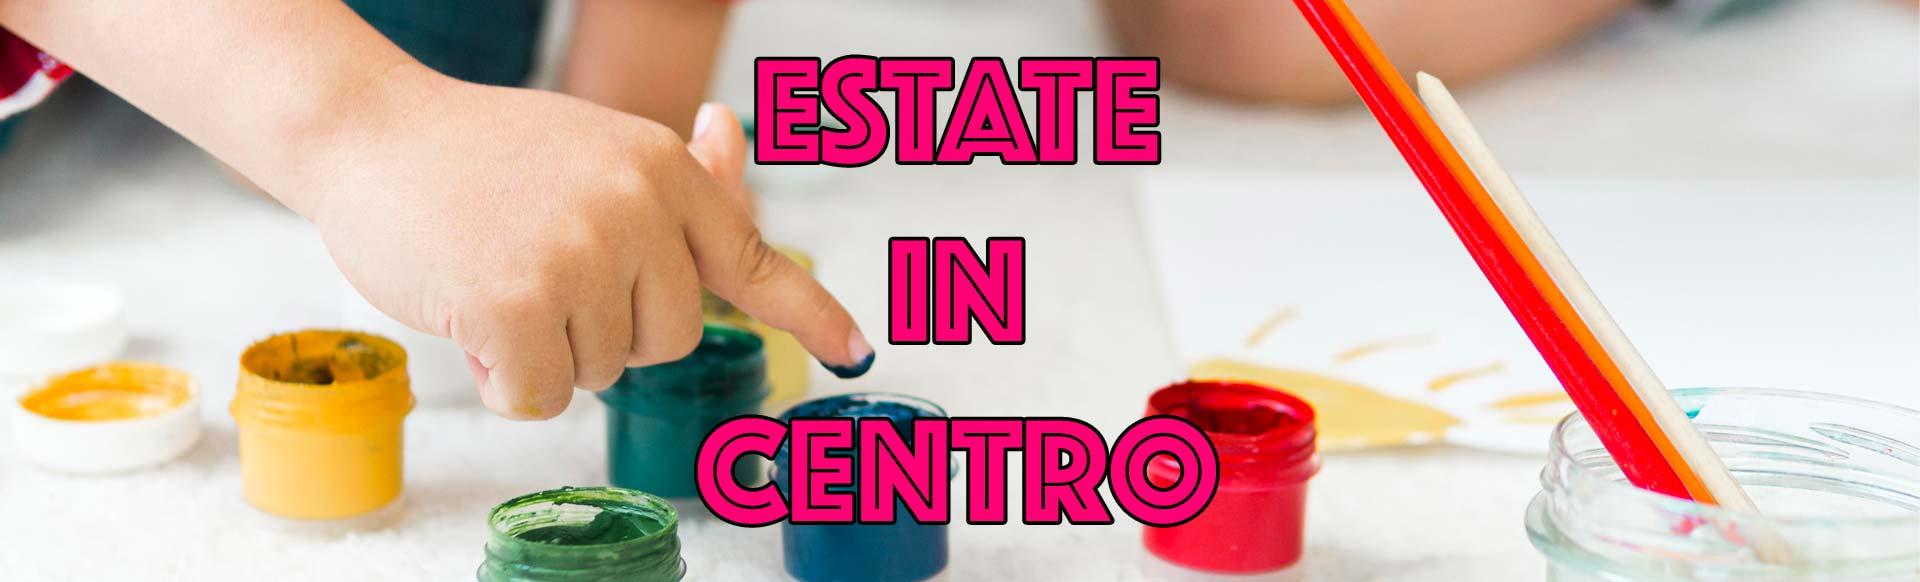 EstateInCentro